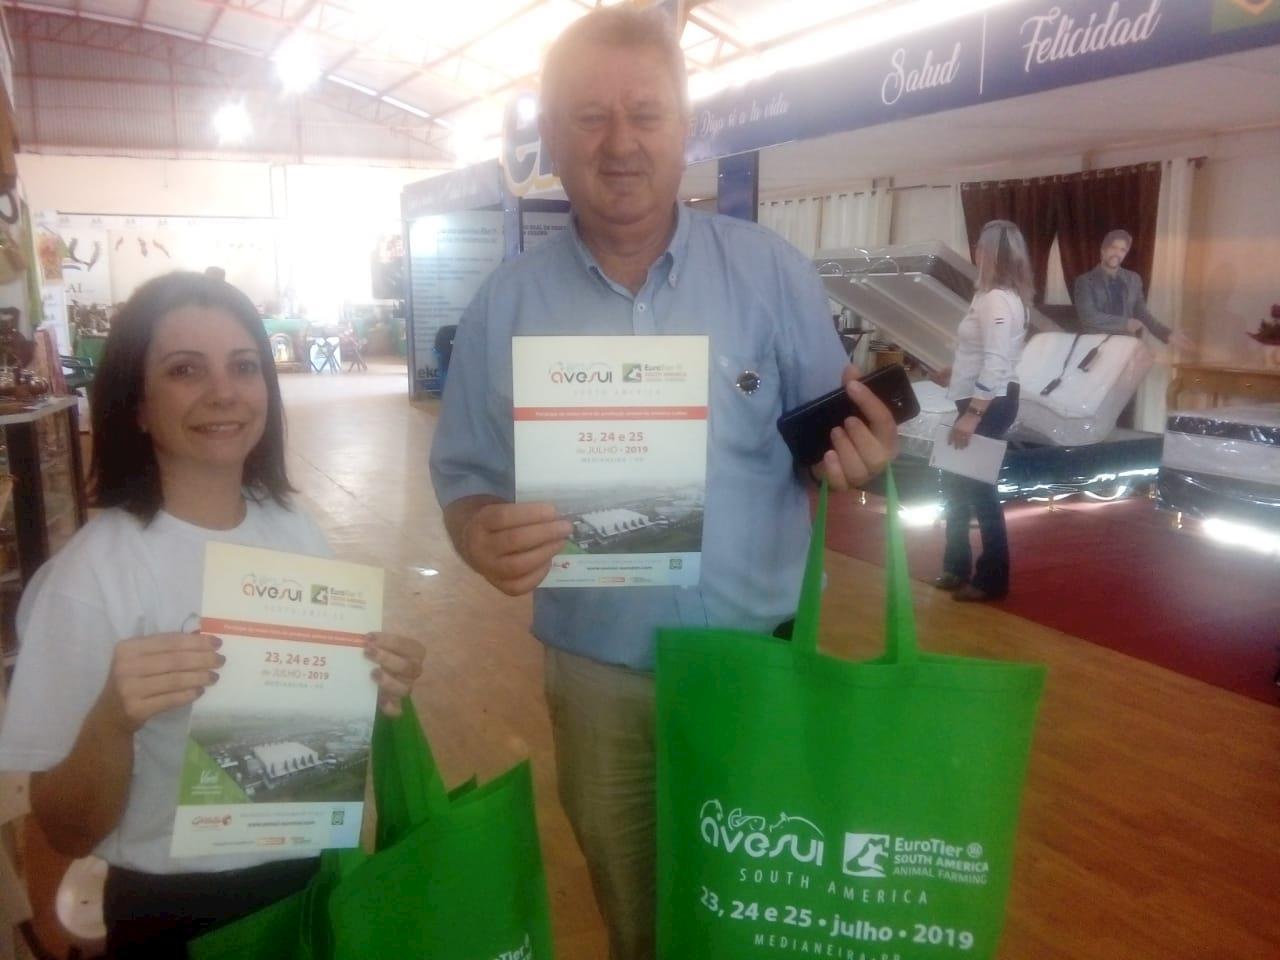 Equipe Gessulli apresenta novidades sobre a AveSui EuroTier na Expo Santa Rita no Paraguai